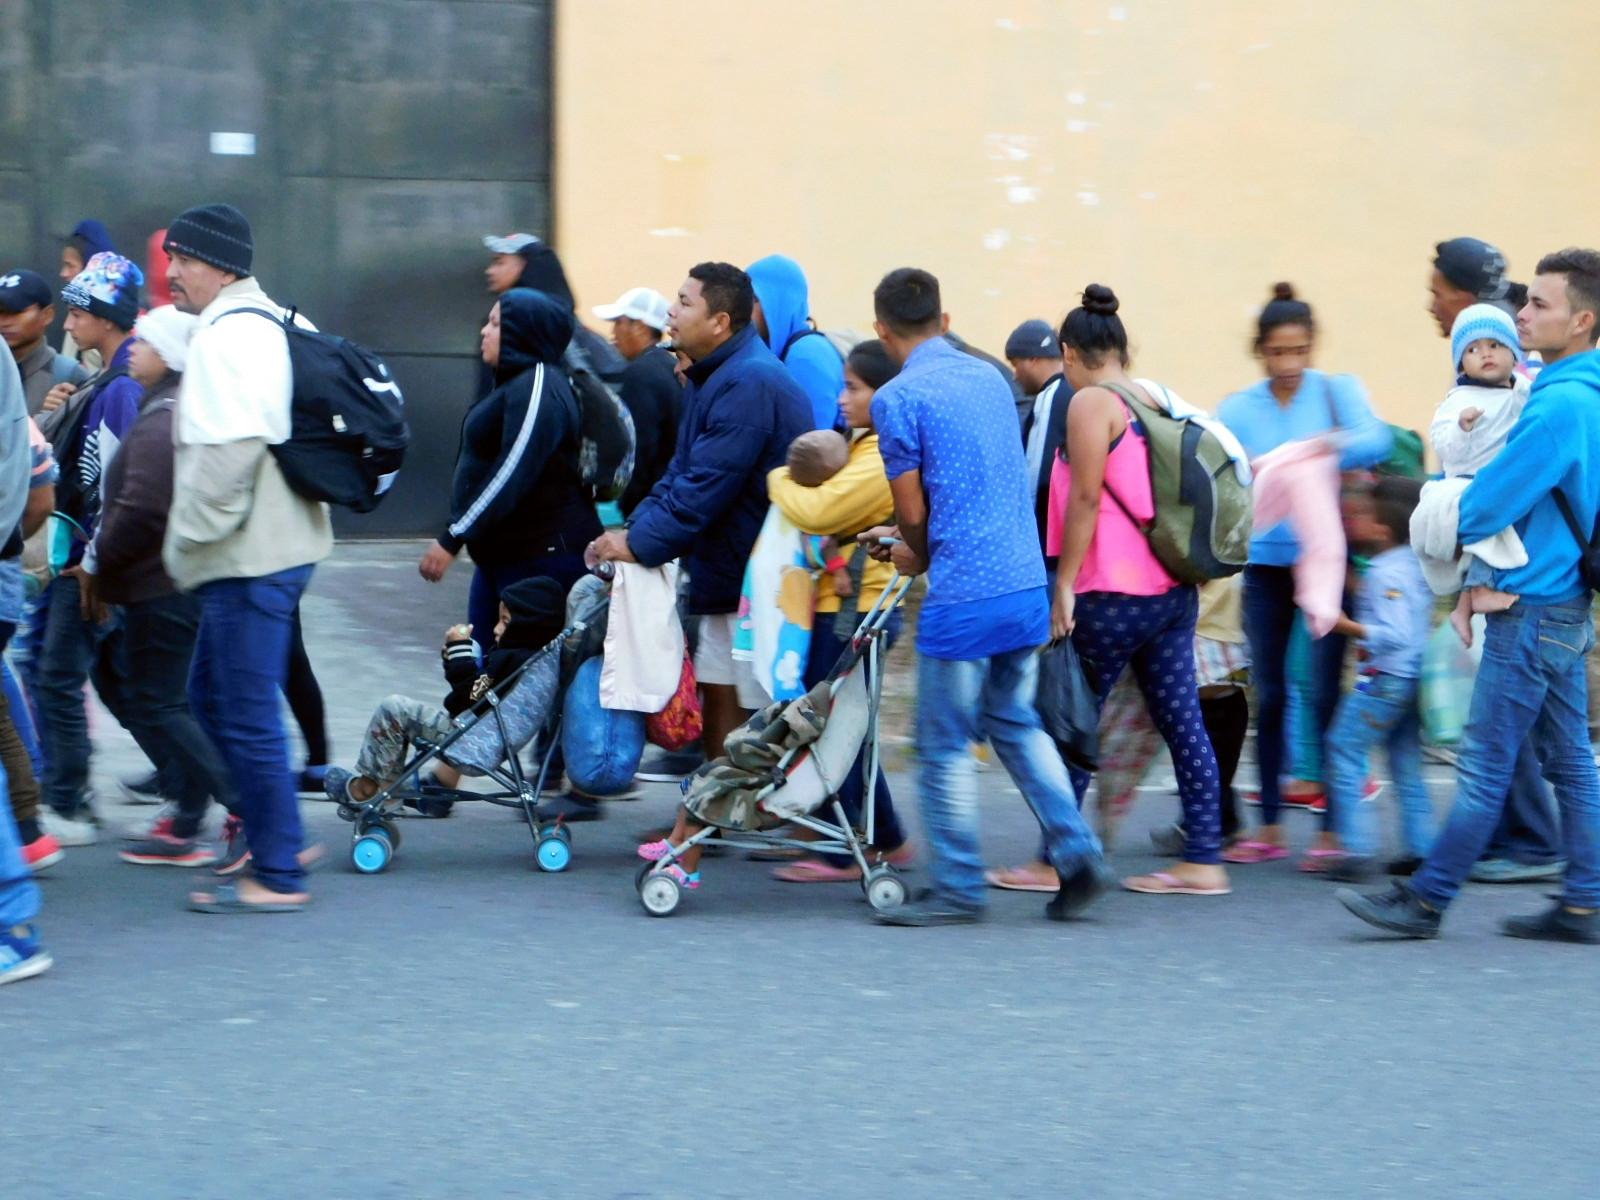 """Honduras y los Estados Unidos de América alcanzaron un acuerdo y ahora el país centroamericano aceptará migrantes que deseen solicitar asilo en el país norteamericano. Esto es considerado por muchos activistas como """"injusto"""" e """"irreal""""."""